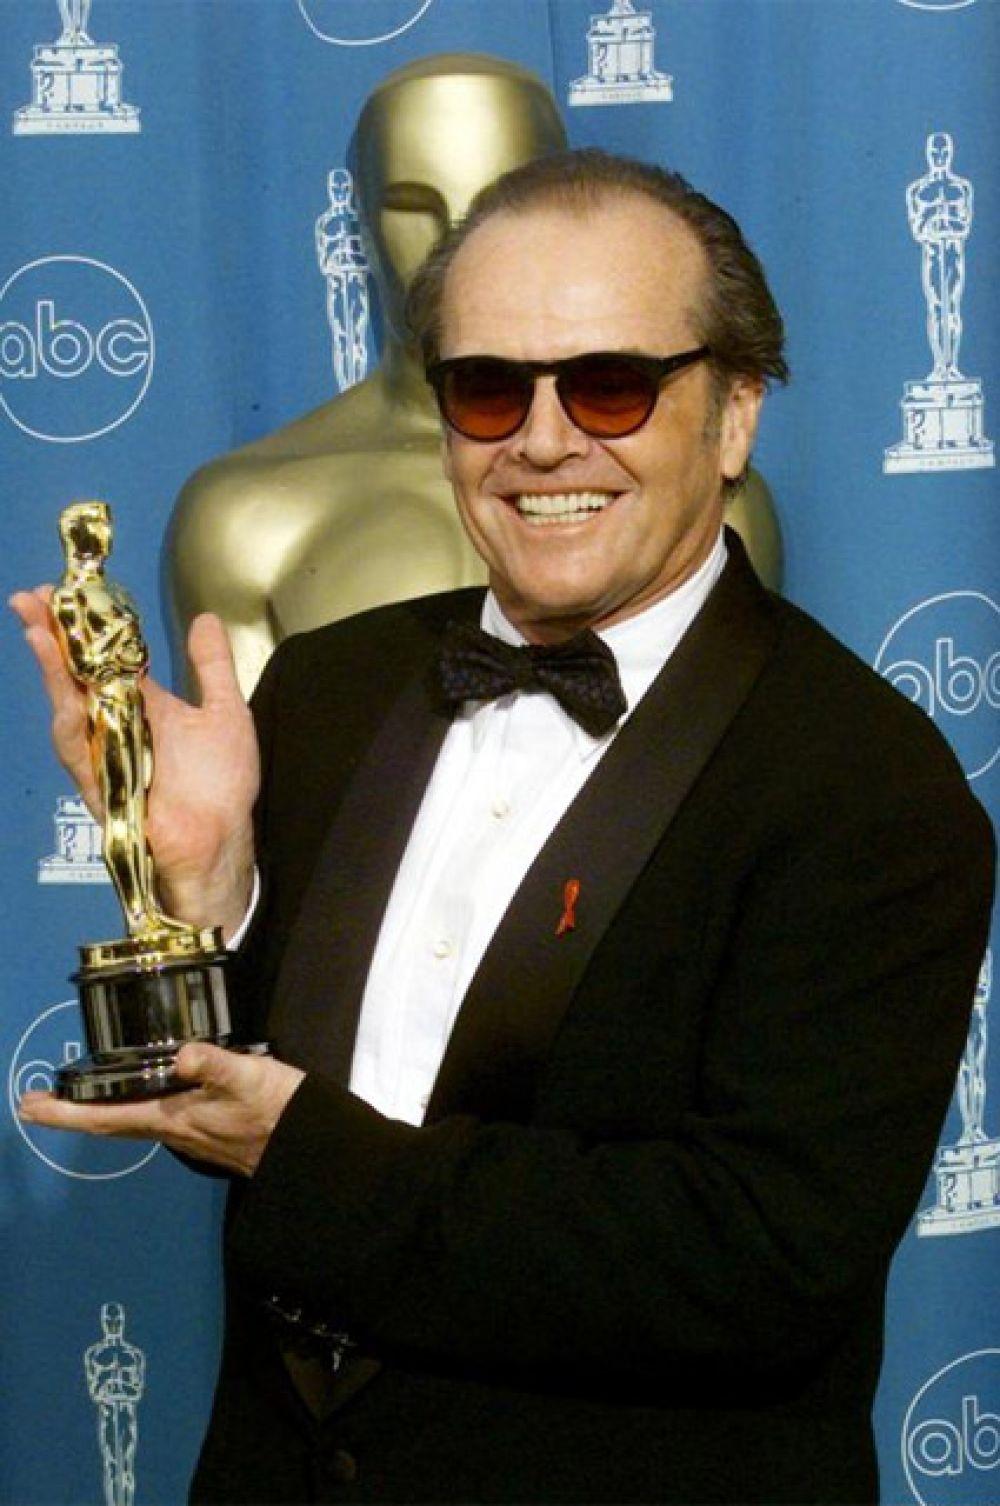 Больше всего актерских номинаций (среди мужчин): Джек Николсон номинировался на «Оскар» 12 раз.